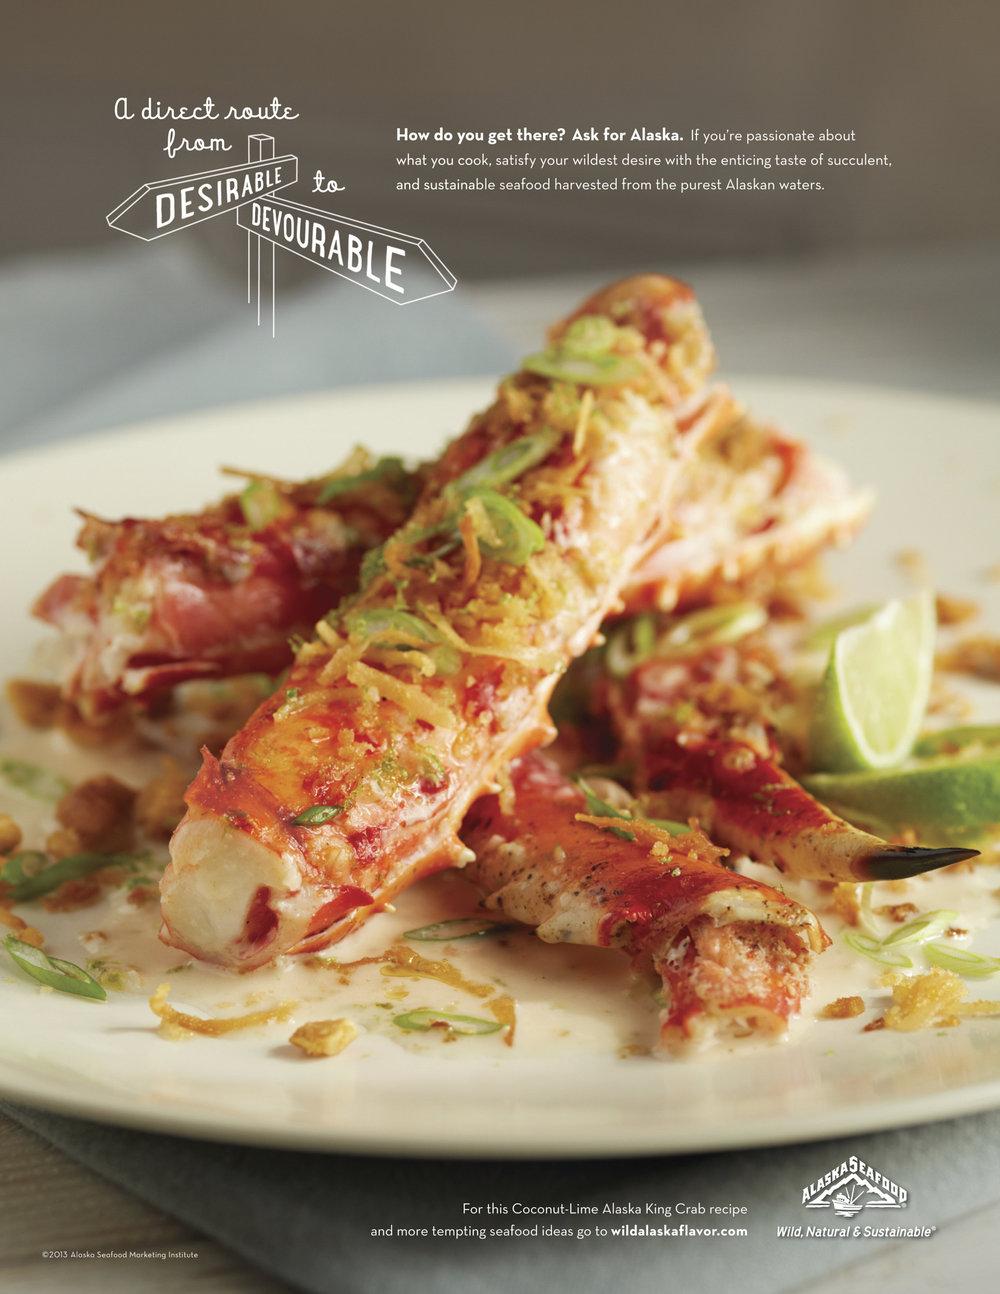 AK crab ad.jpg